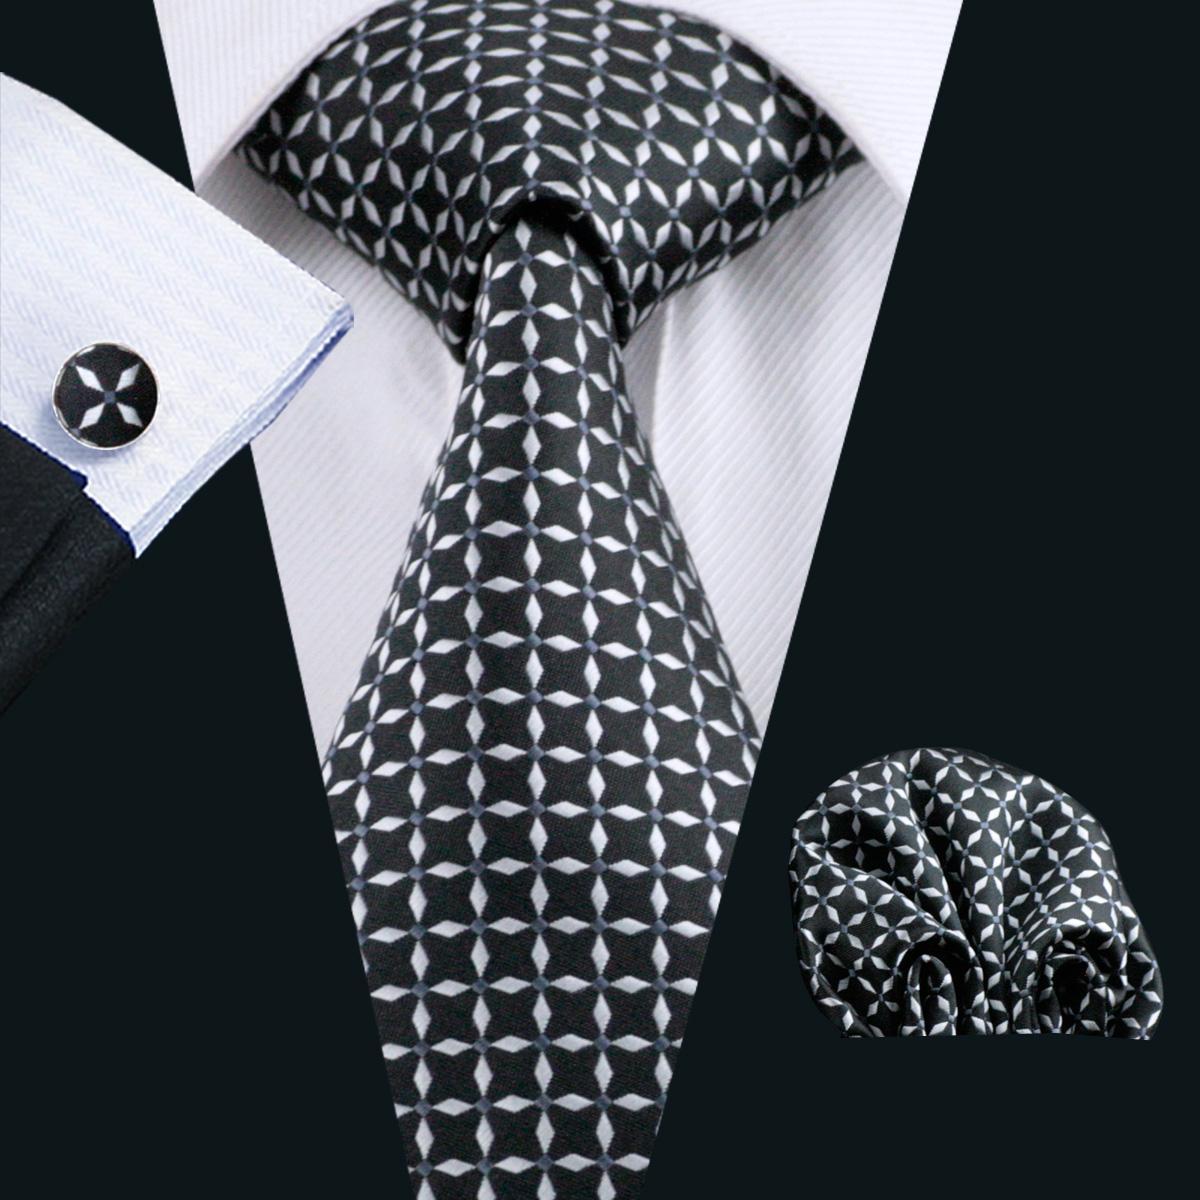 Menns Tie Top Selling Black Tie Set Silk Hankerchief Manchetknopen Mens Jacquard Geweven Klassieke Zakelijke Stropdas Set N-0527